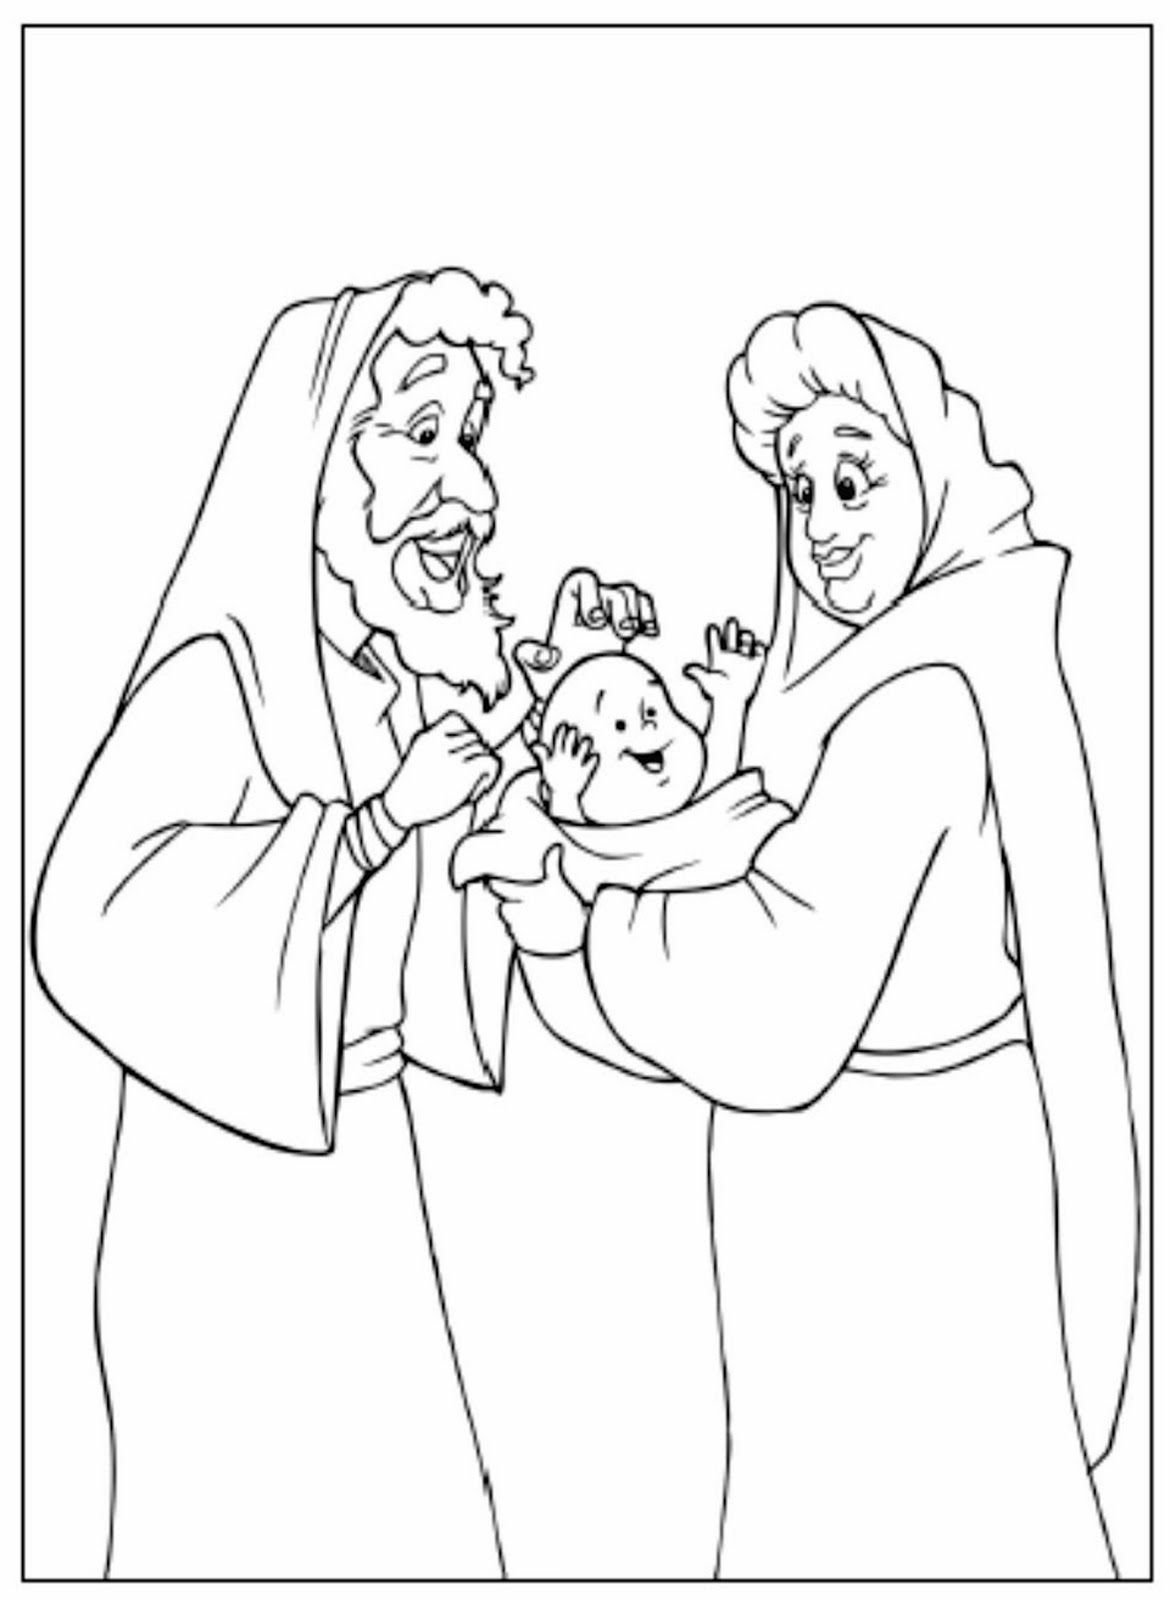 Imagenes Cristianas Para Colorear: Dibujos Para Colorear Del ...